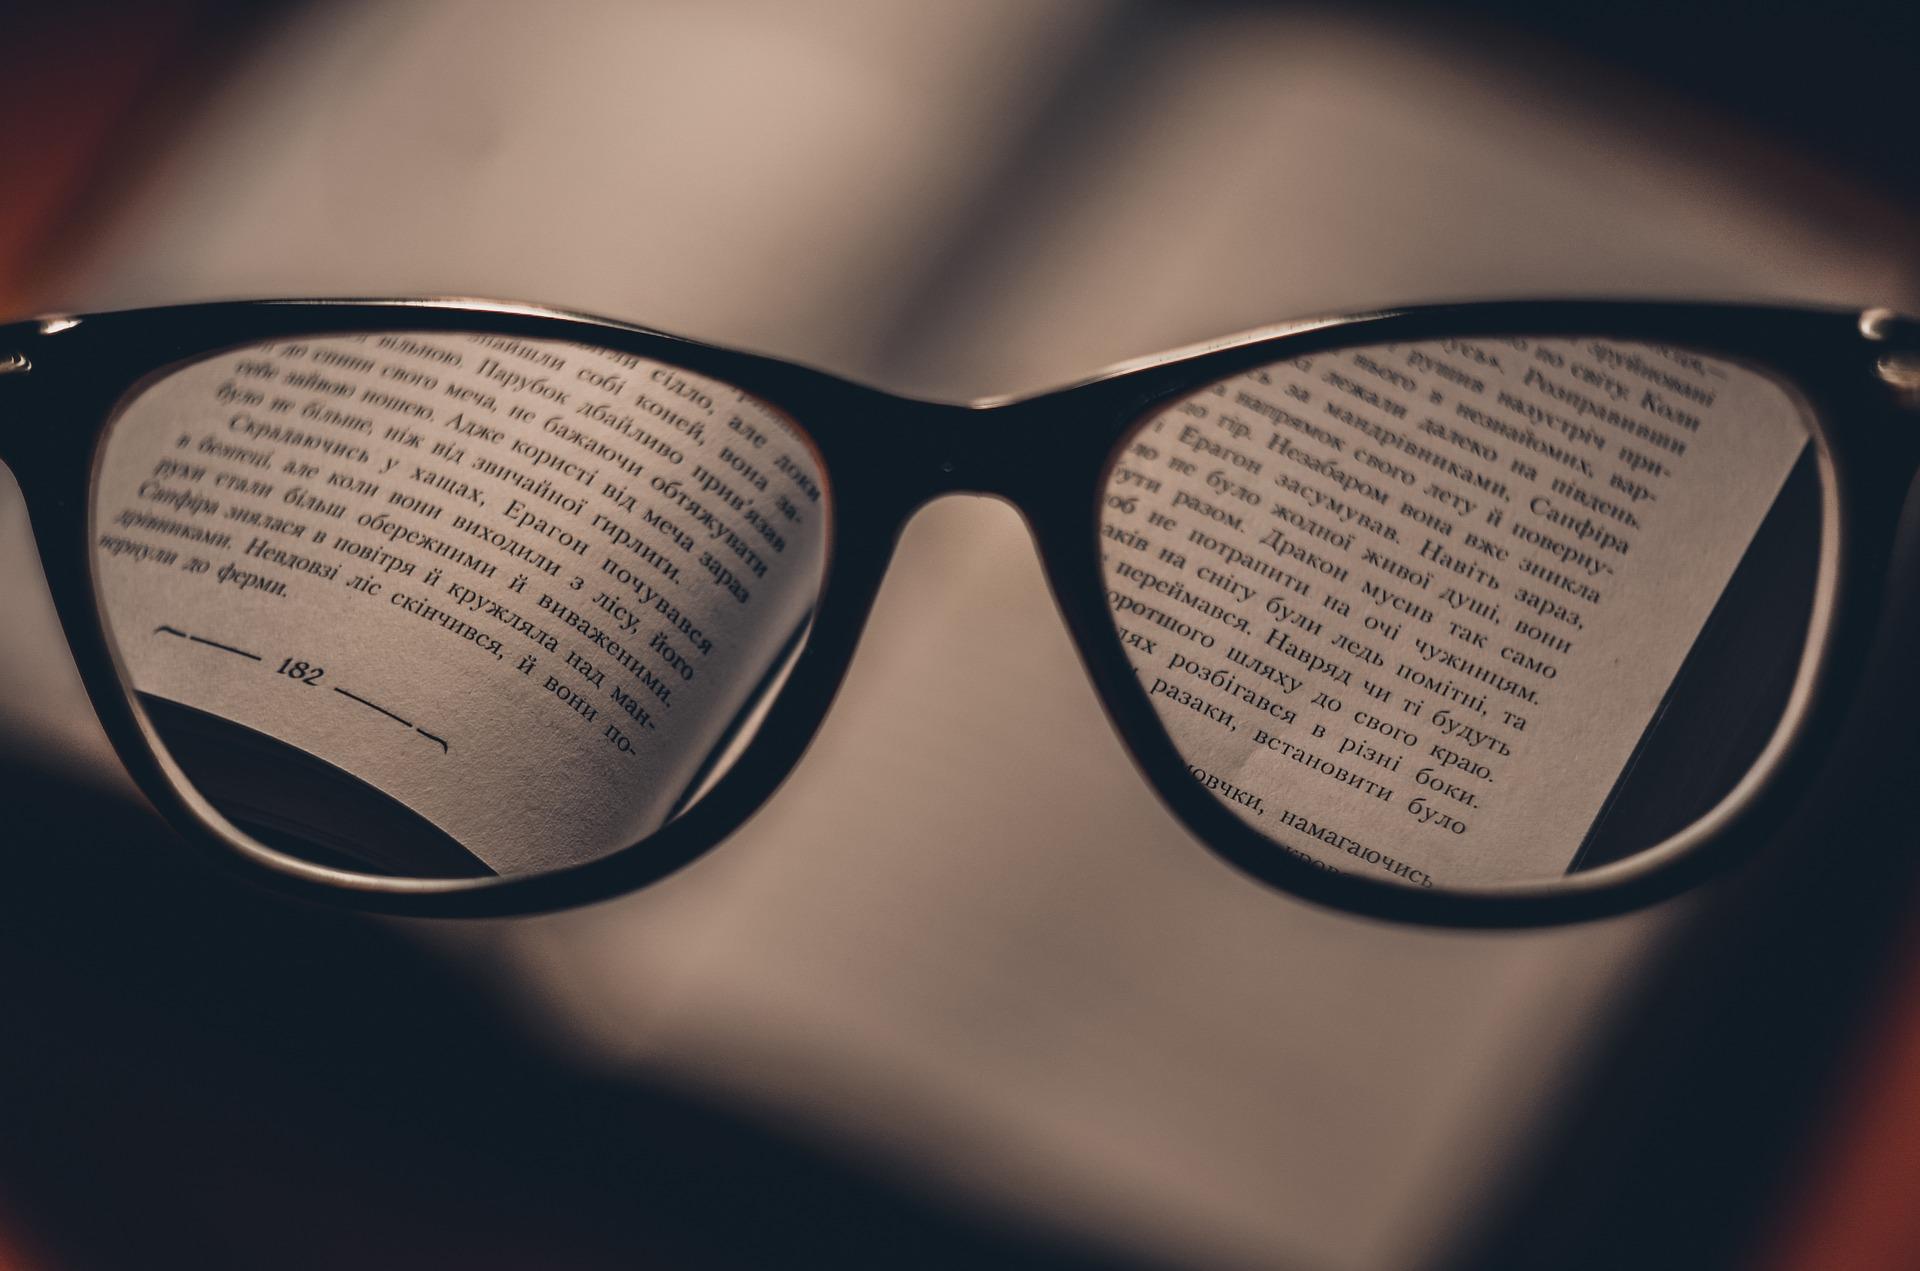 眼鏡を変えたら視界がぼやけたりする原因はレンズの問題だった